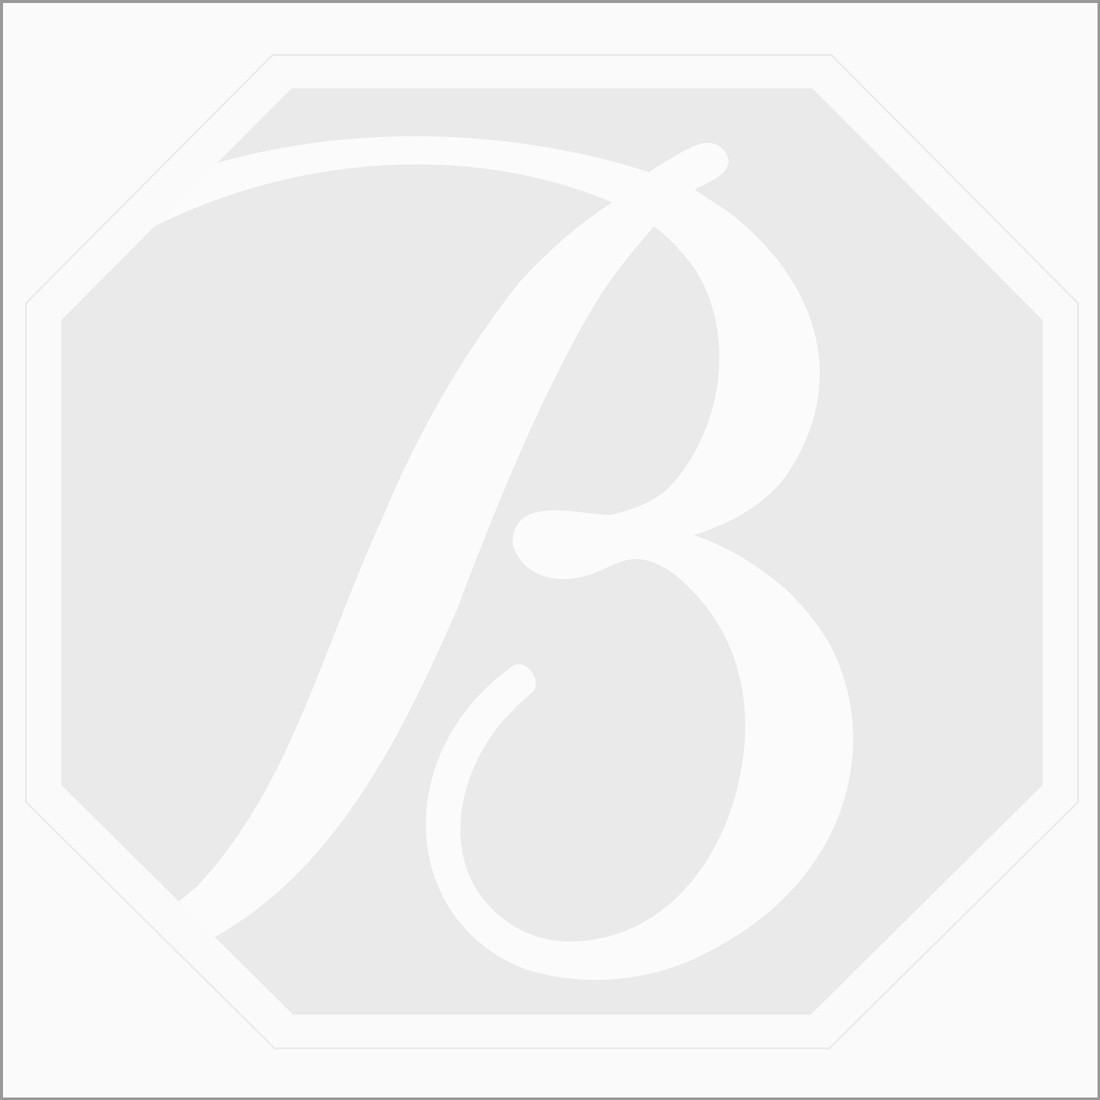 14 Pcs - 40.24 ct. - Green Tourmaline Rose Cut -10.9 x 9.7 x 3.1 mm to 15 x 8.4 x 2.4 mm (TRC1092)